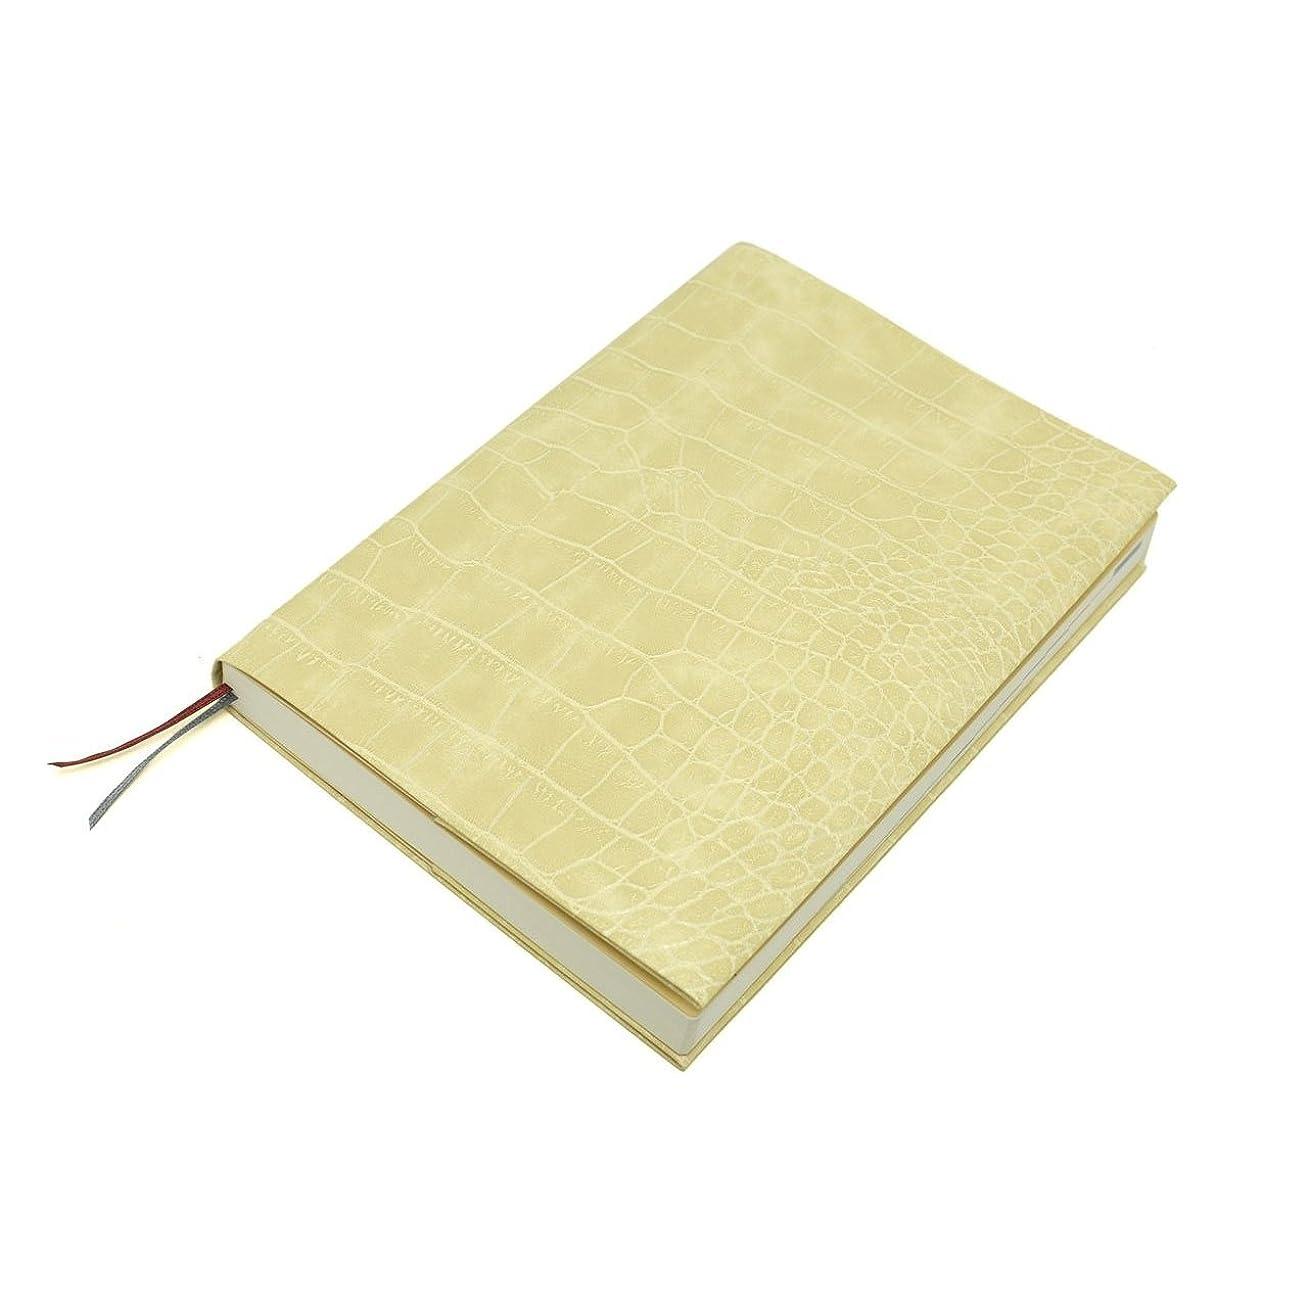 軽食幻想的色お手入れいらずのほぼ日手帳カズン対応A5サイズ リサイクルレザーカバースピンしおりひも付き (クロコ型押しクリーム)